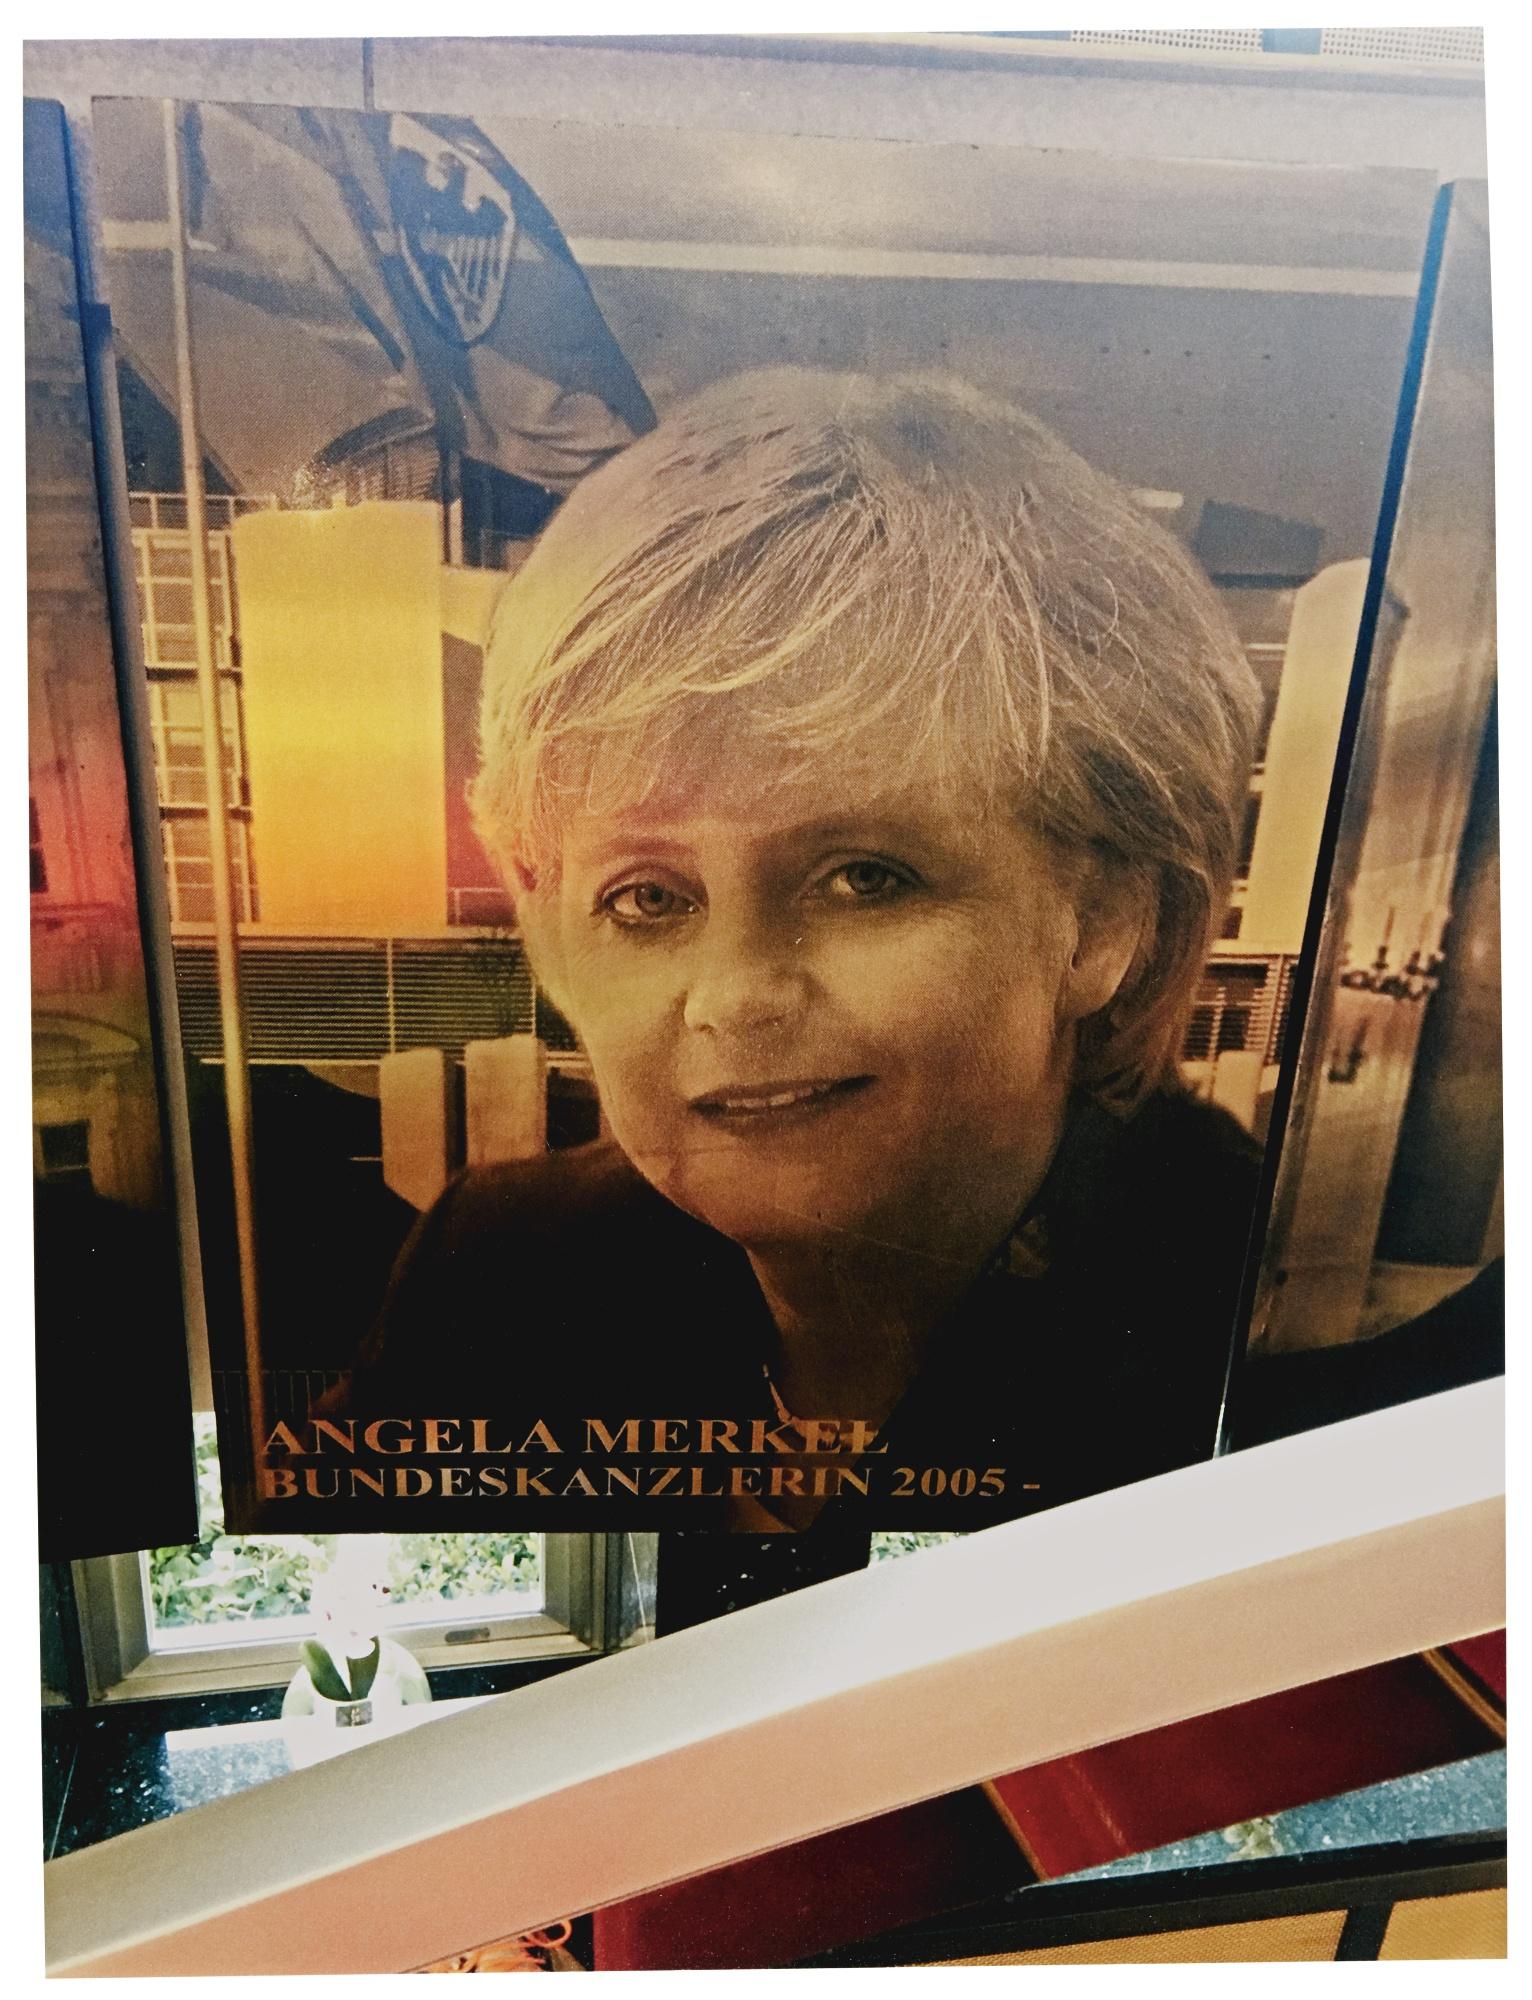 Juergen Teller-Angela Merkel, Bundeskanzlerin 2005-Present, Kanzler Hotel, Bonn 2016-2016